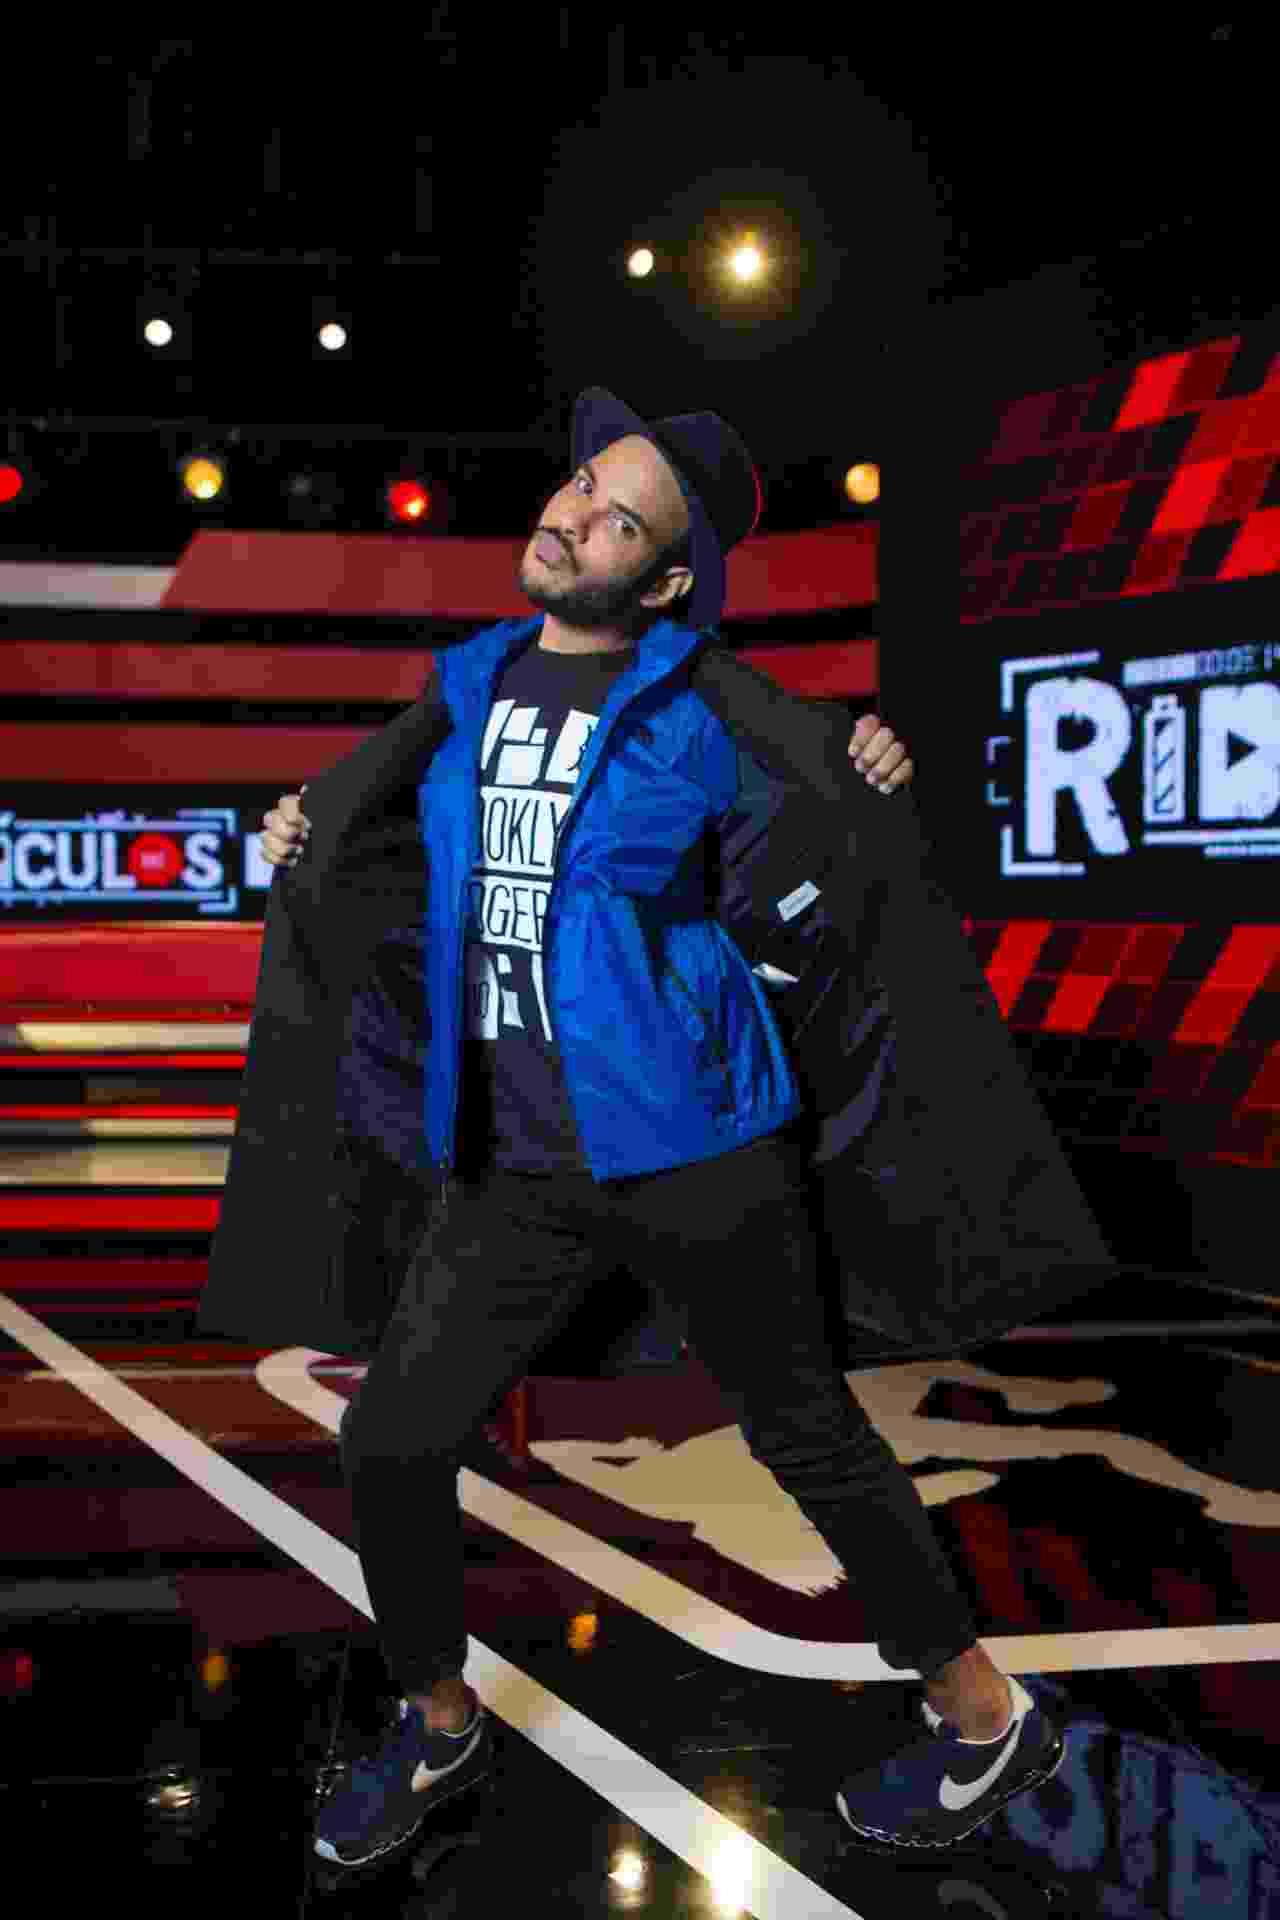 """2016 - Hugo Gloss estreia na MTV com o programa """"Ridículos"""", onde comenta sobre os vídeos que """"bombam"""" na web - Divulgação/MTV"""